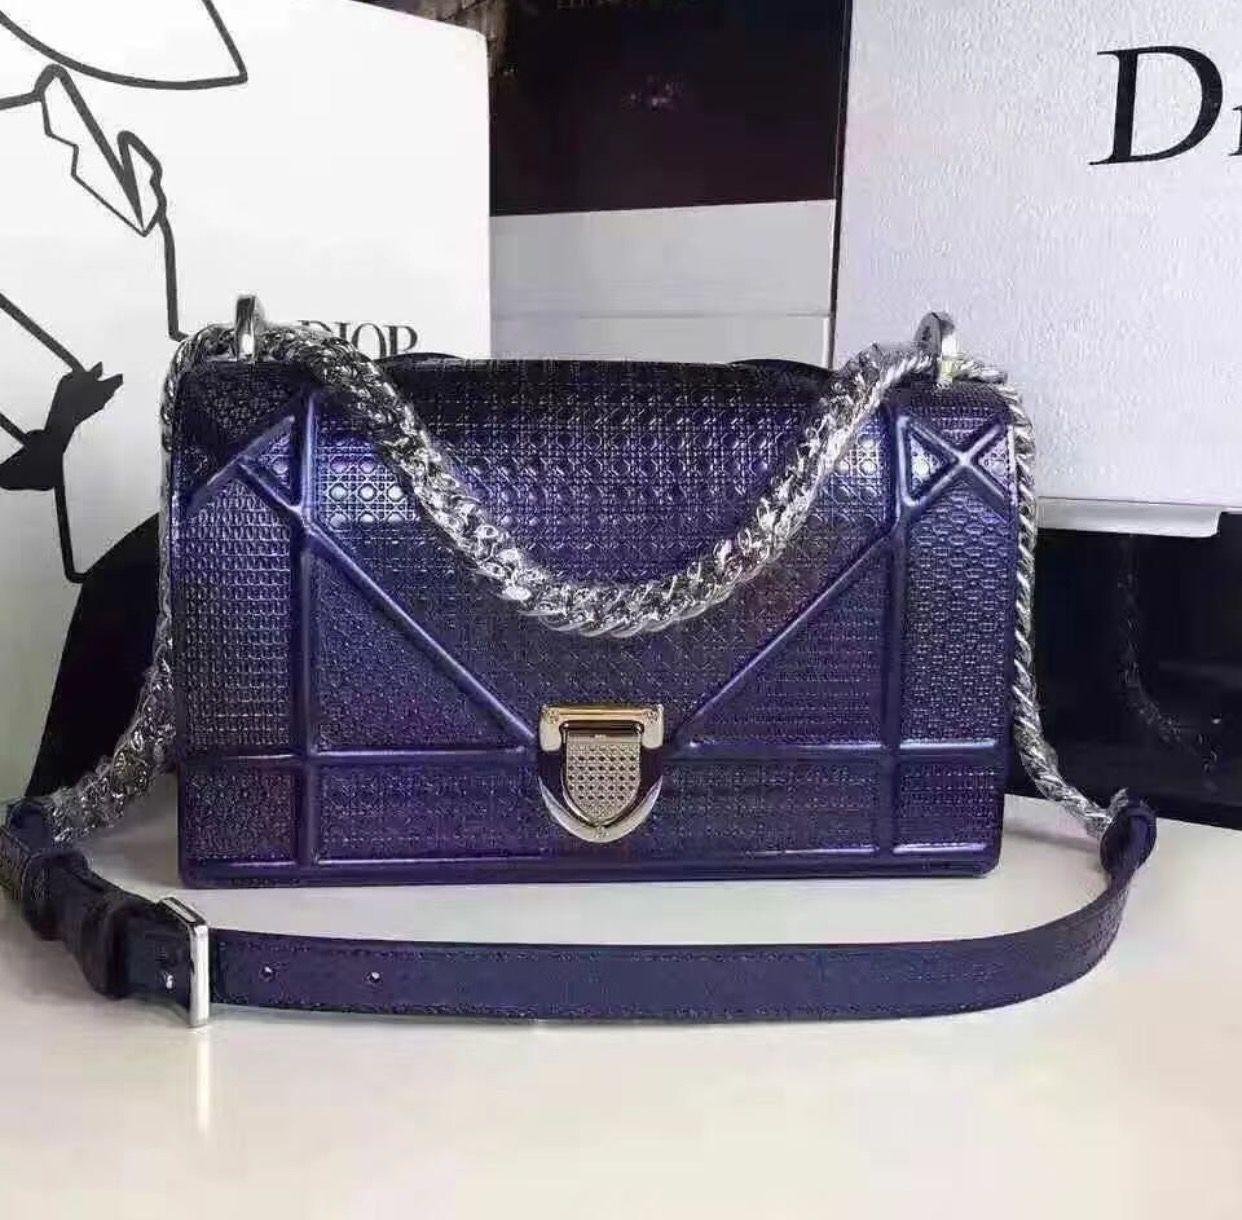 34083d8e50f8 Dior 2017 Dior Handbags